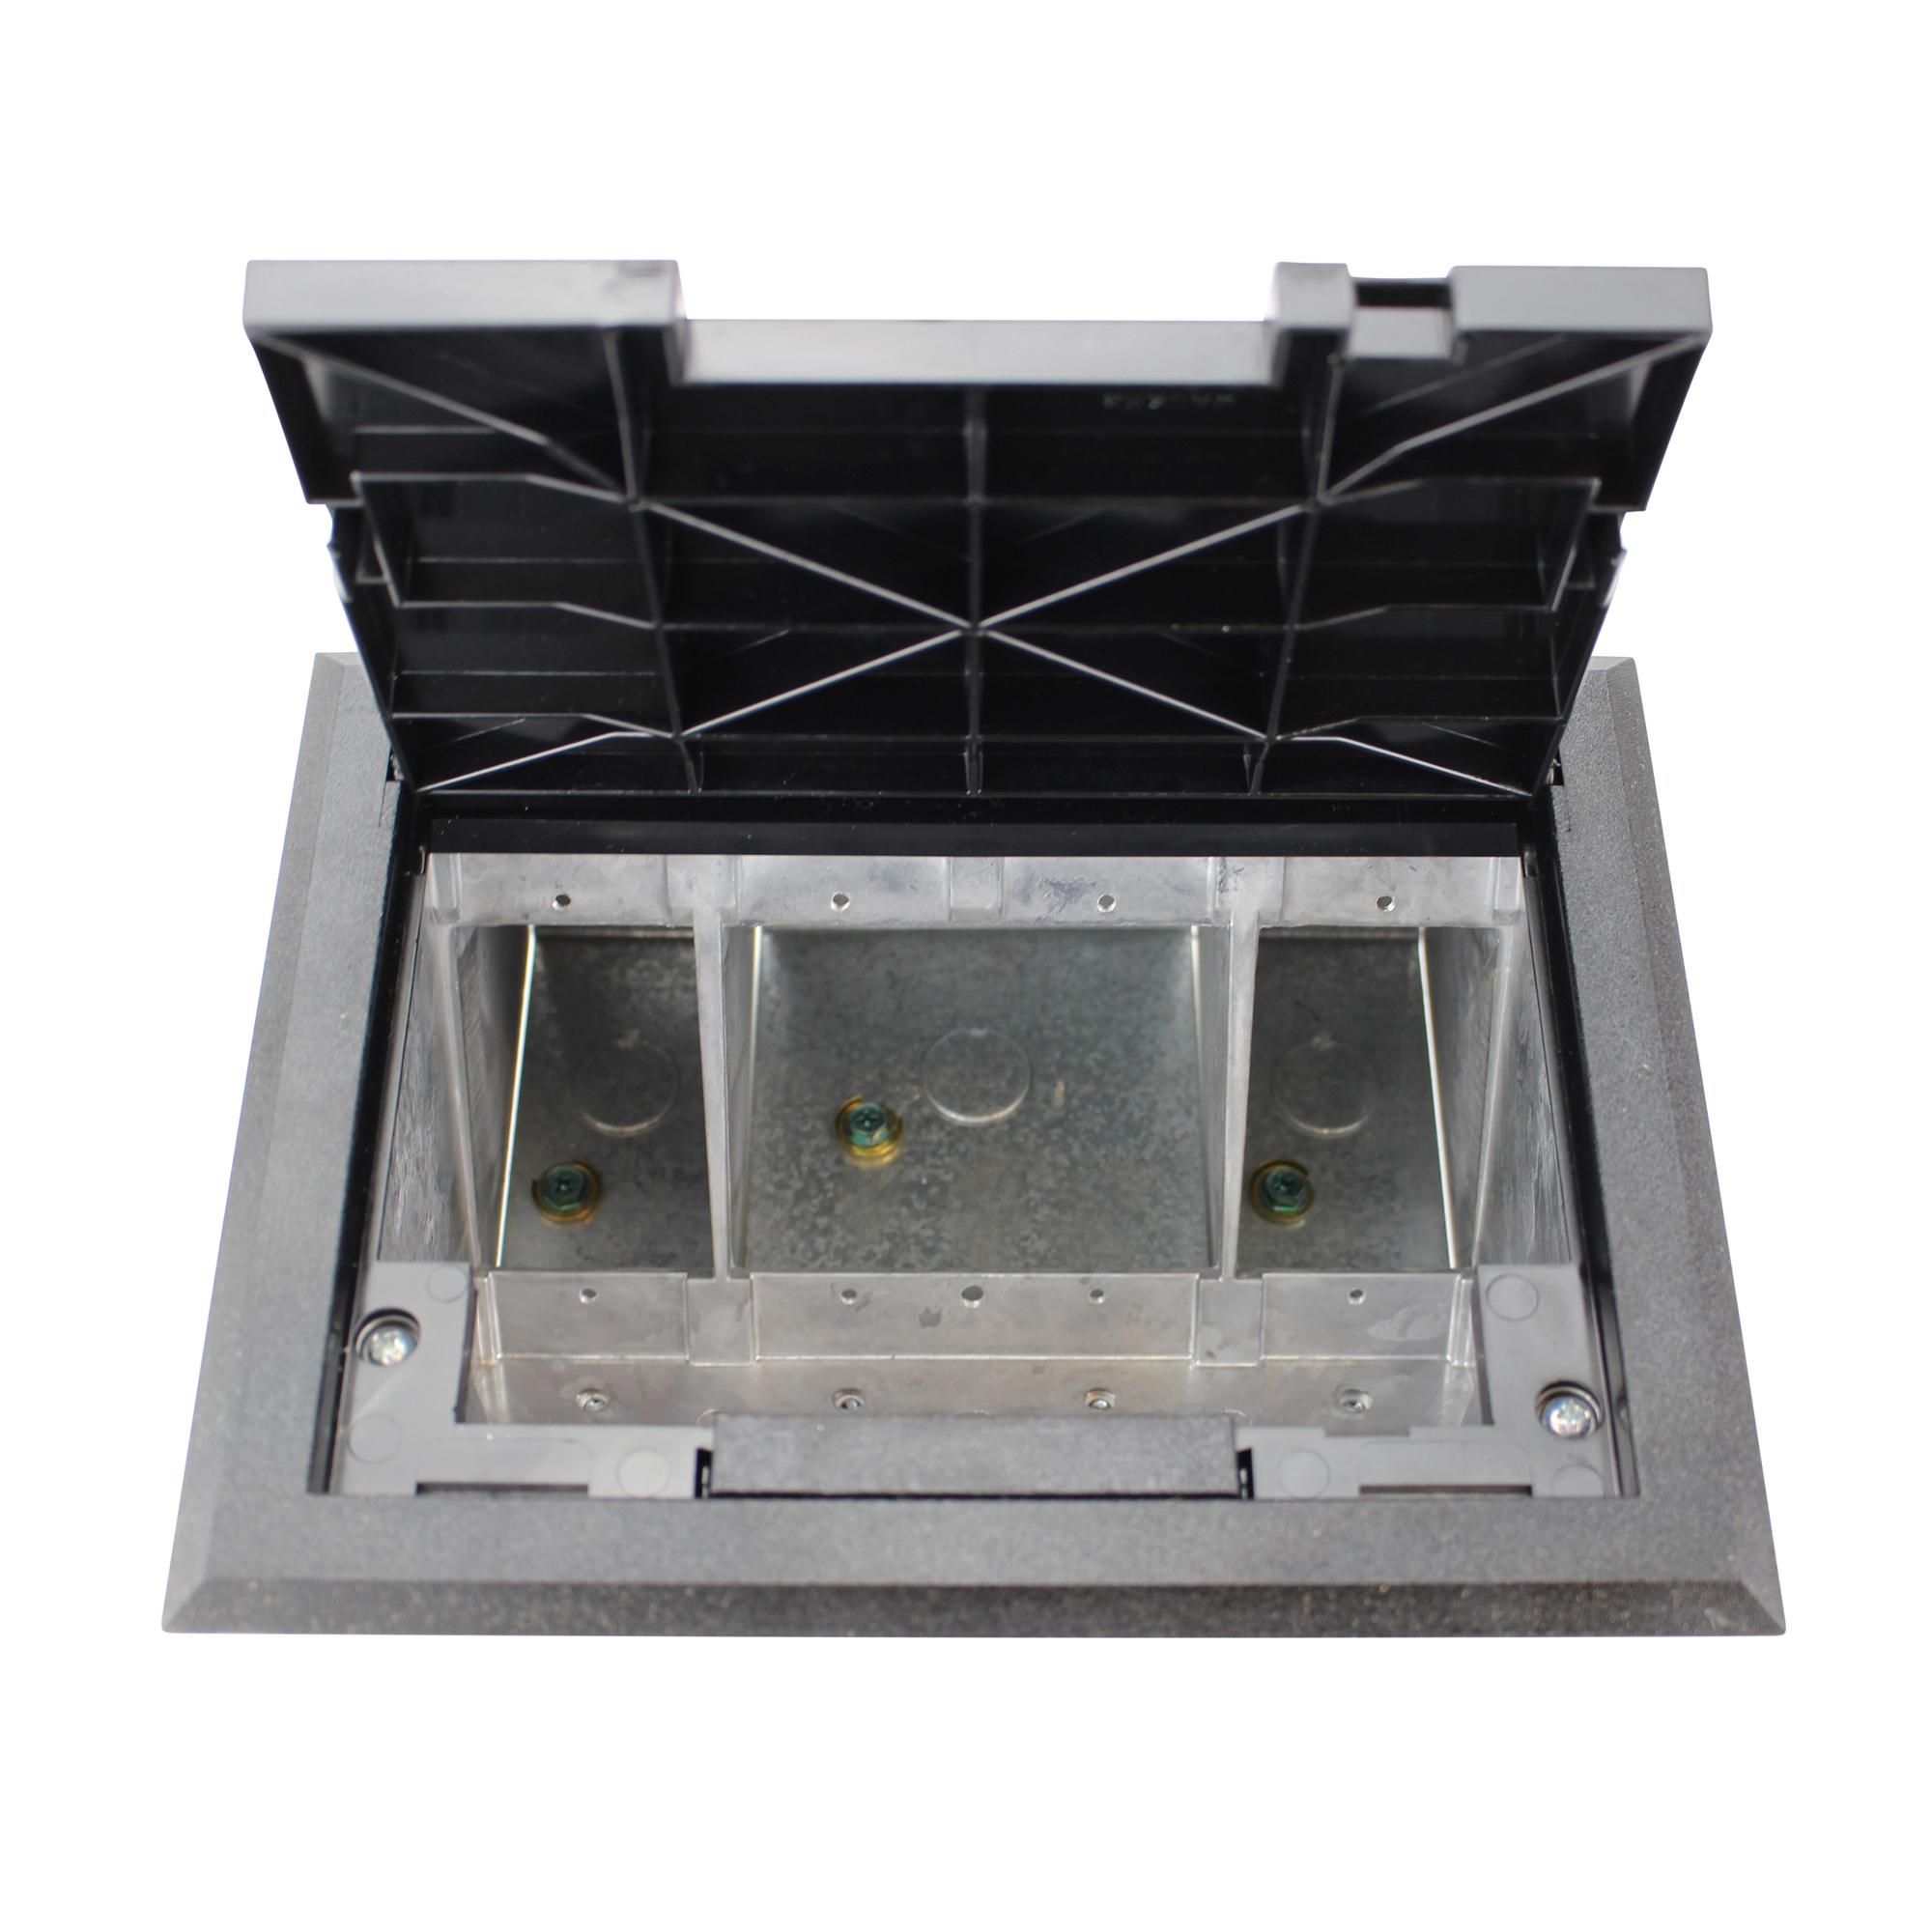 wiremold legrand af1 kt raised floor box with black tile cover trim ebay. Black Bedroom Furniture Sets. Home Design Ideas